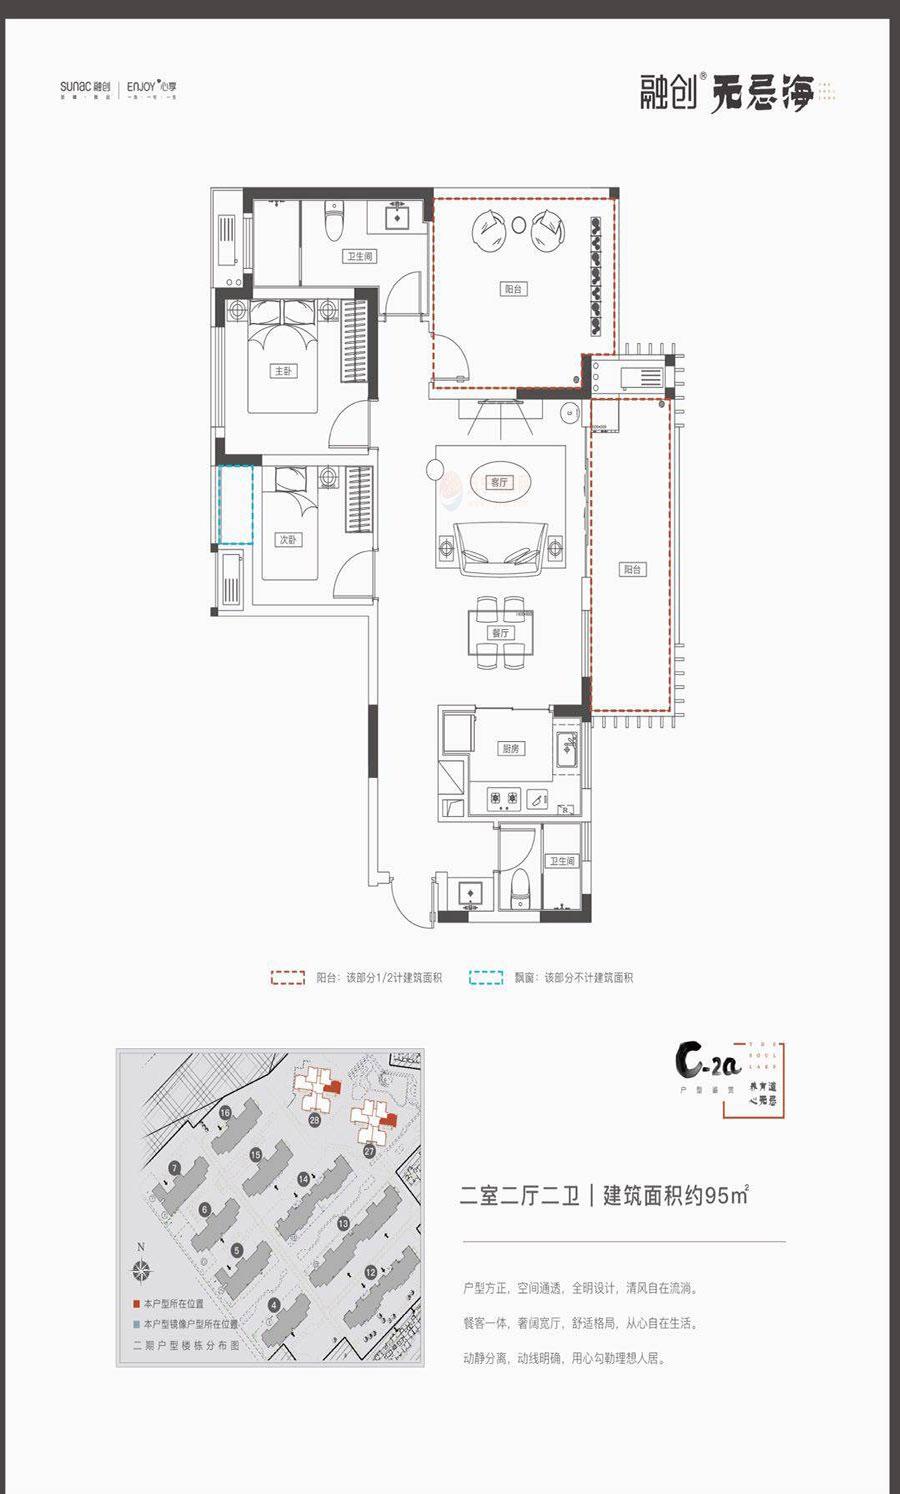 融创无忌海2室2厅2卫 (建筑面积:95.00㎡)